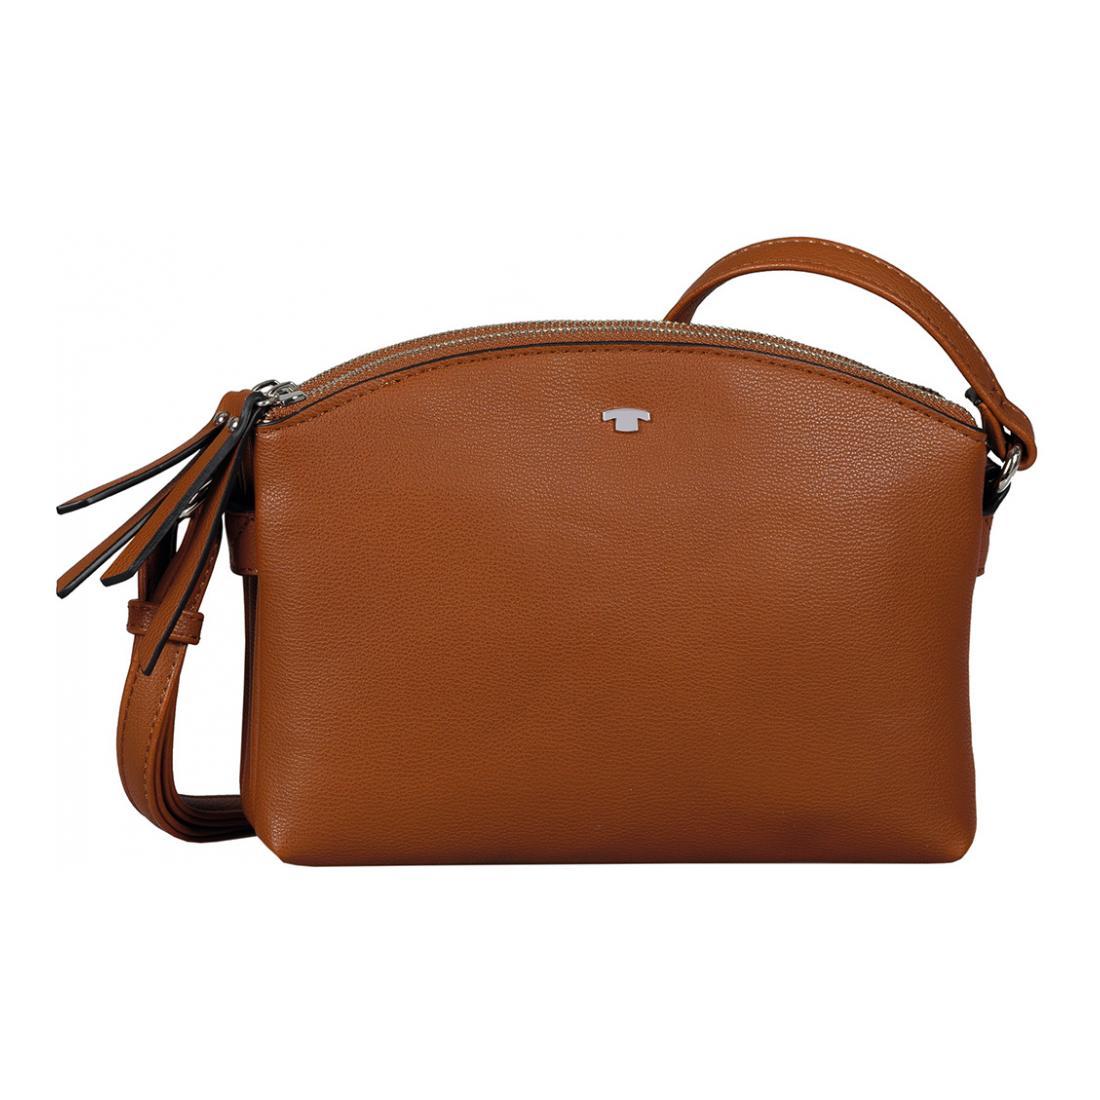 Tom Tailor Tasche ROMA Cross bag